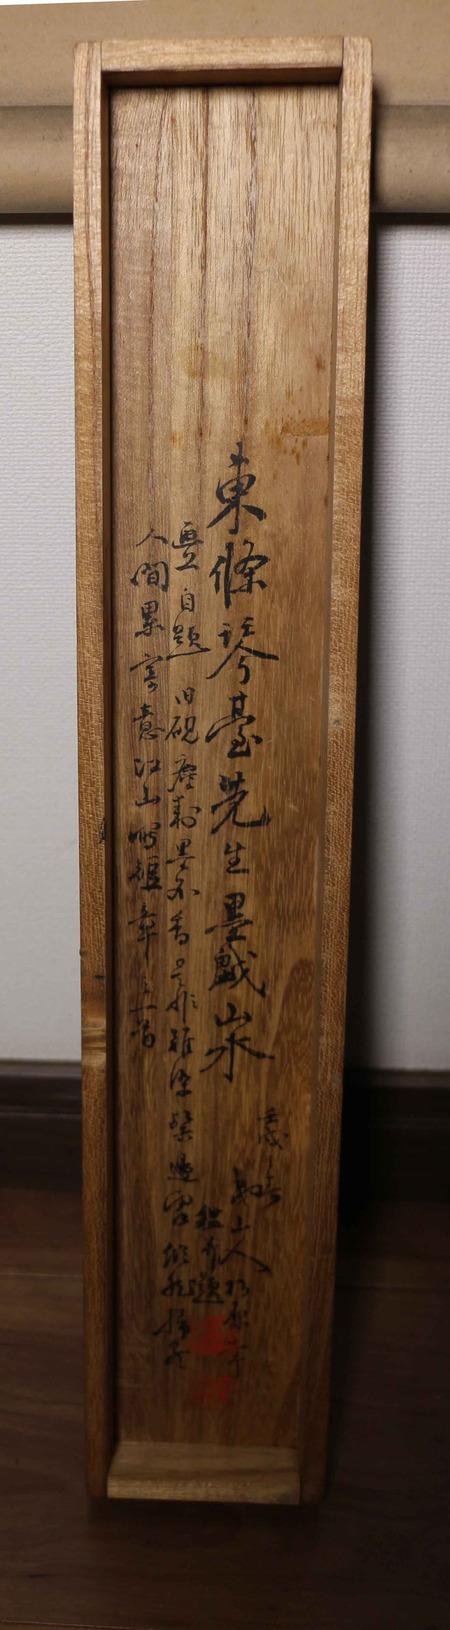 東條琴台筆水墨山水図自画讃5